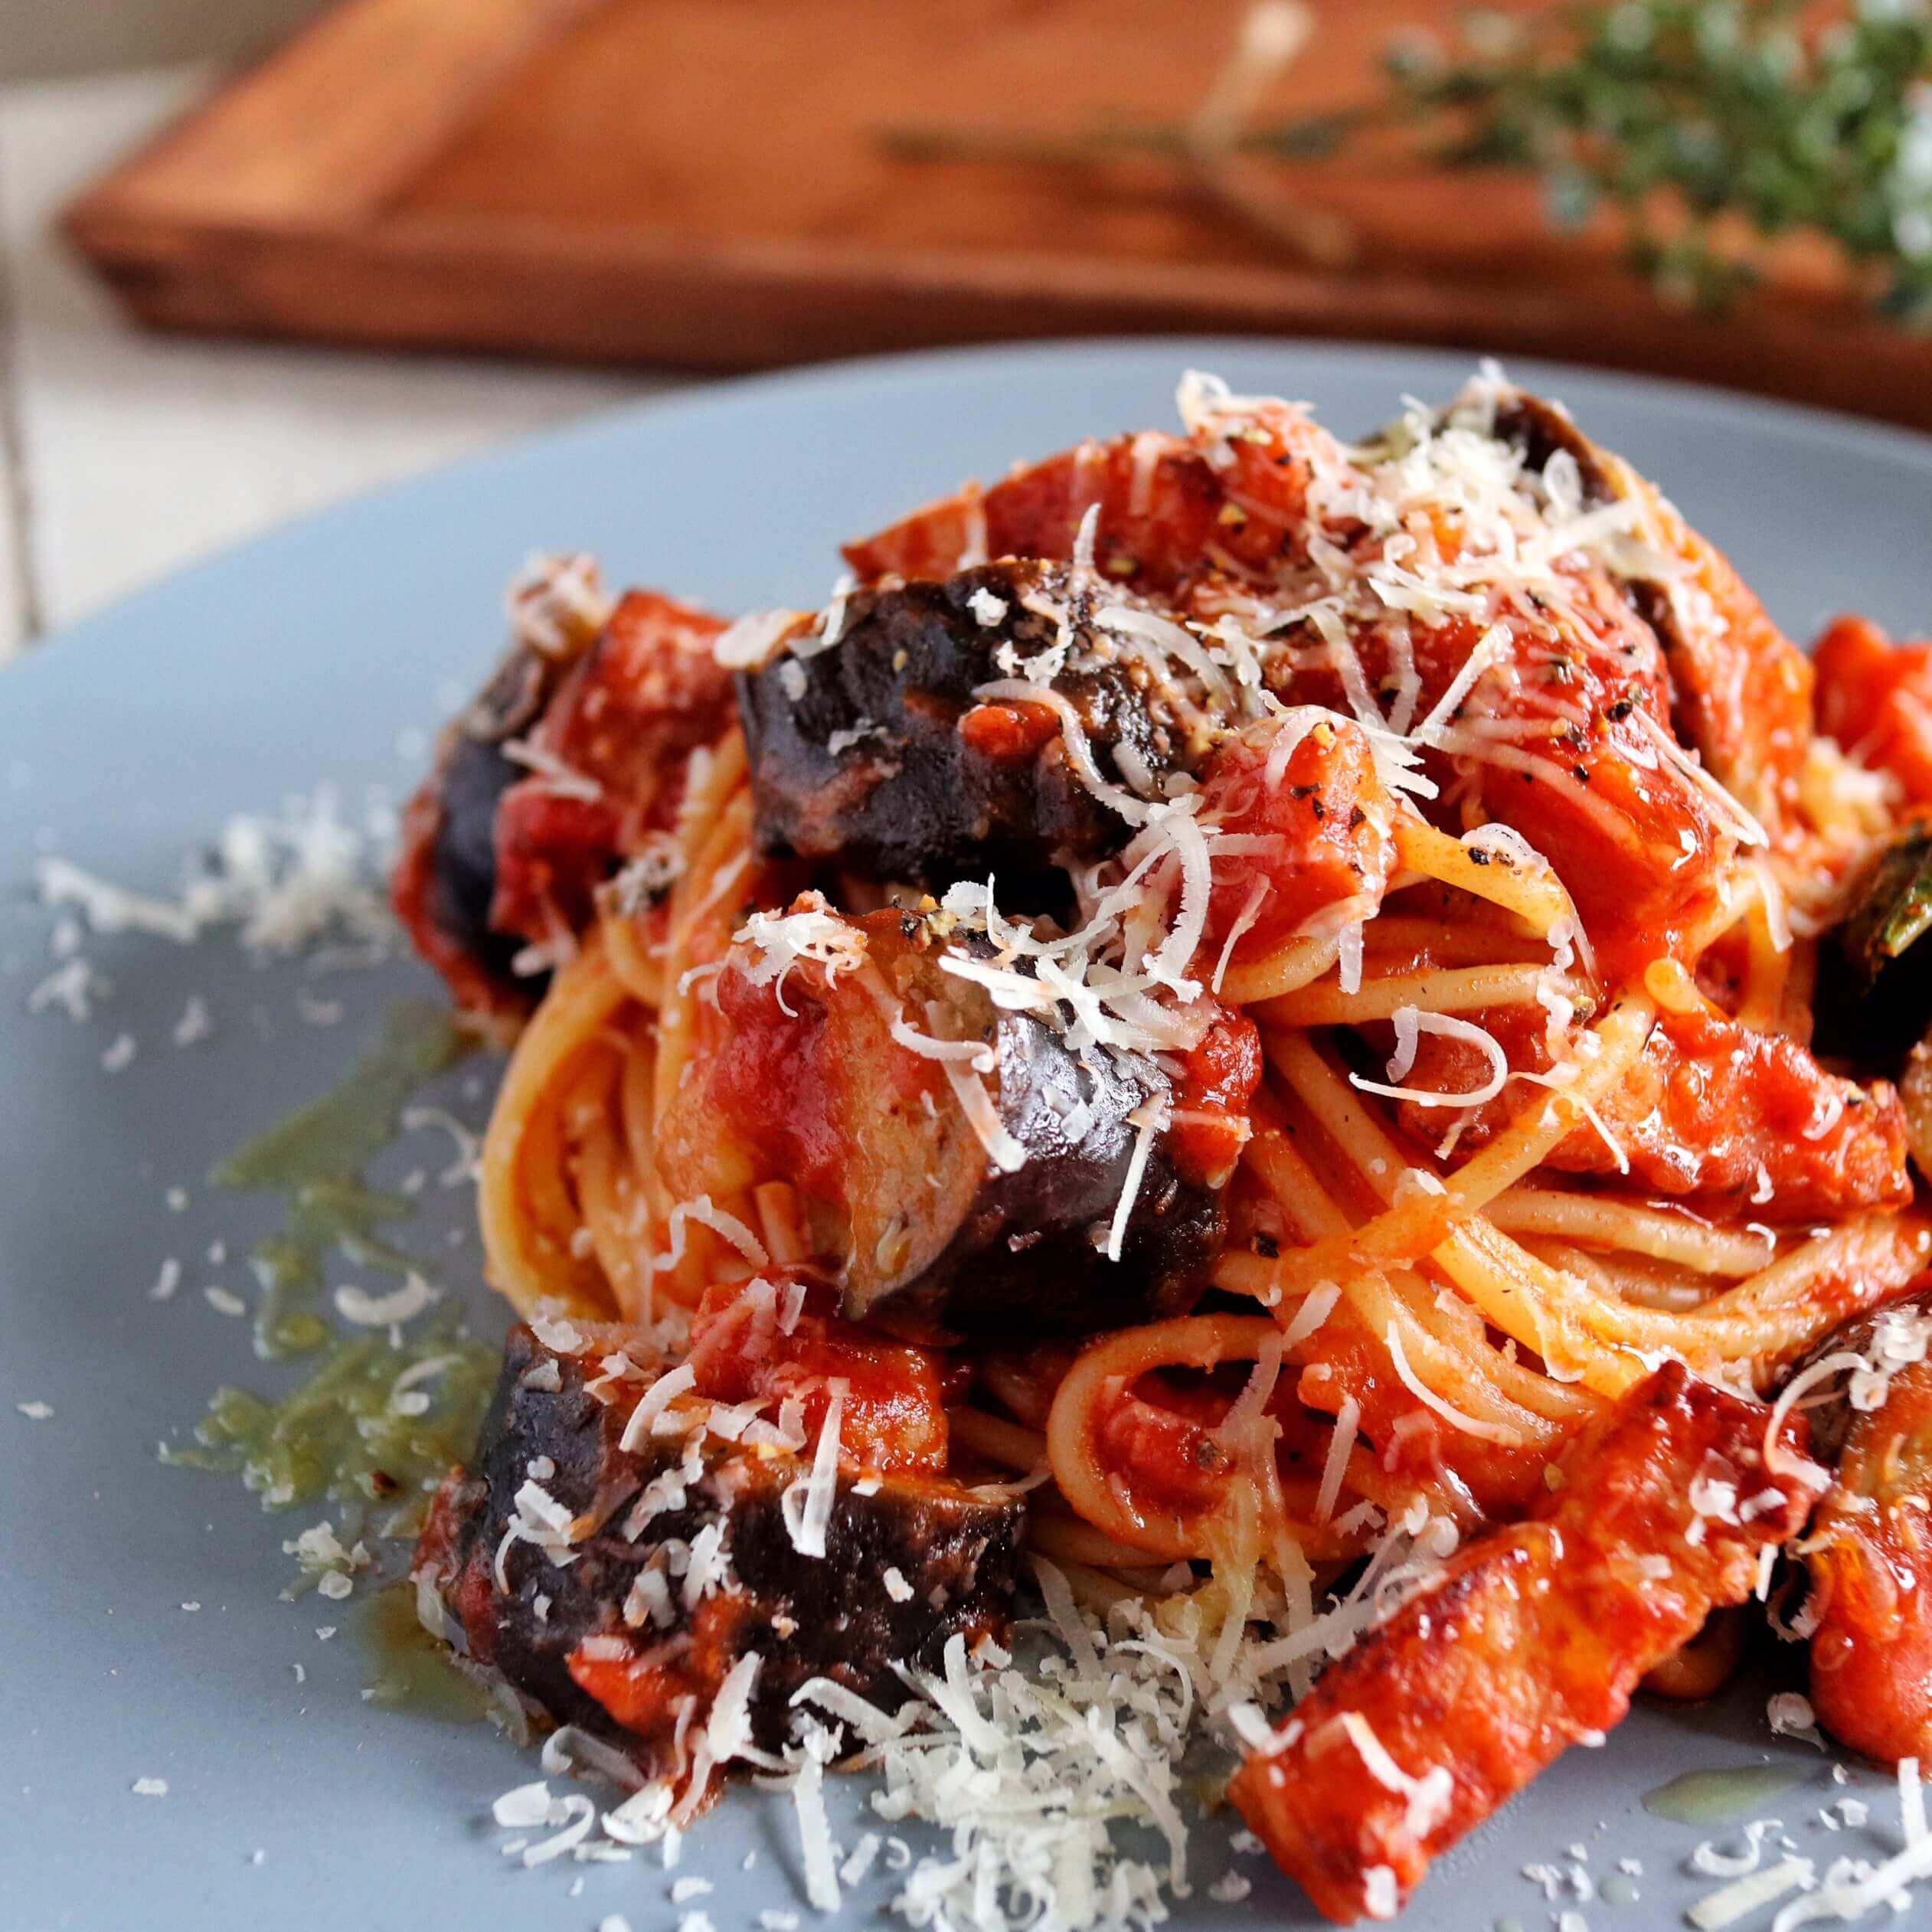 【超簡単!】なすとベーコンのトマトパスタのレシピ